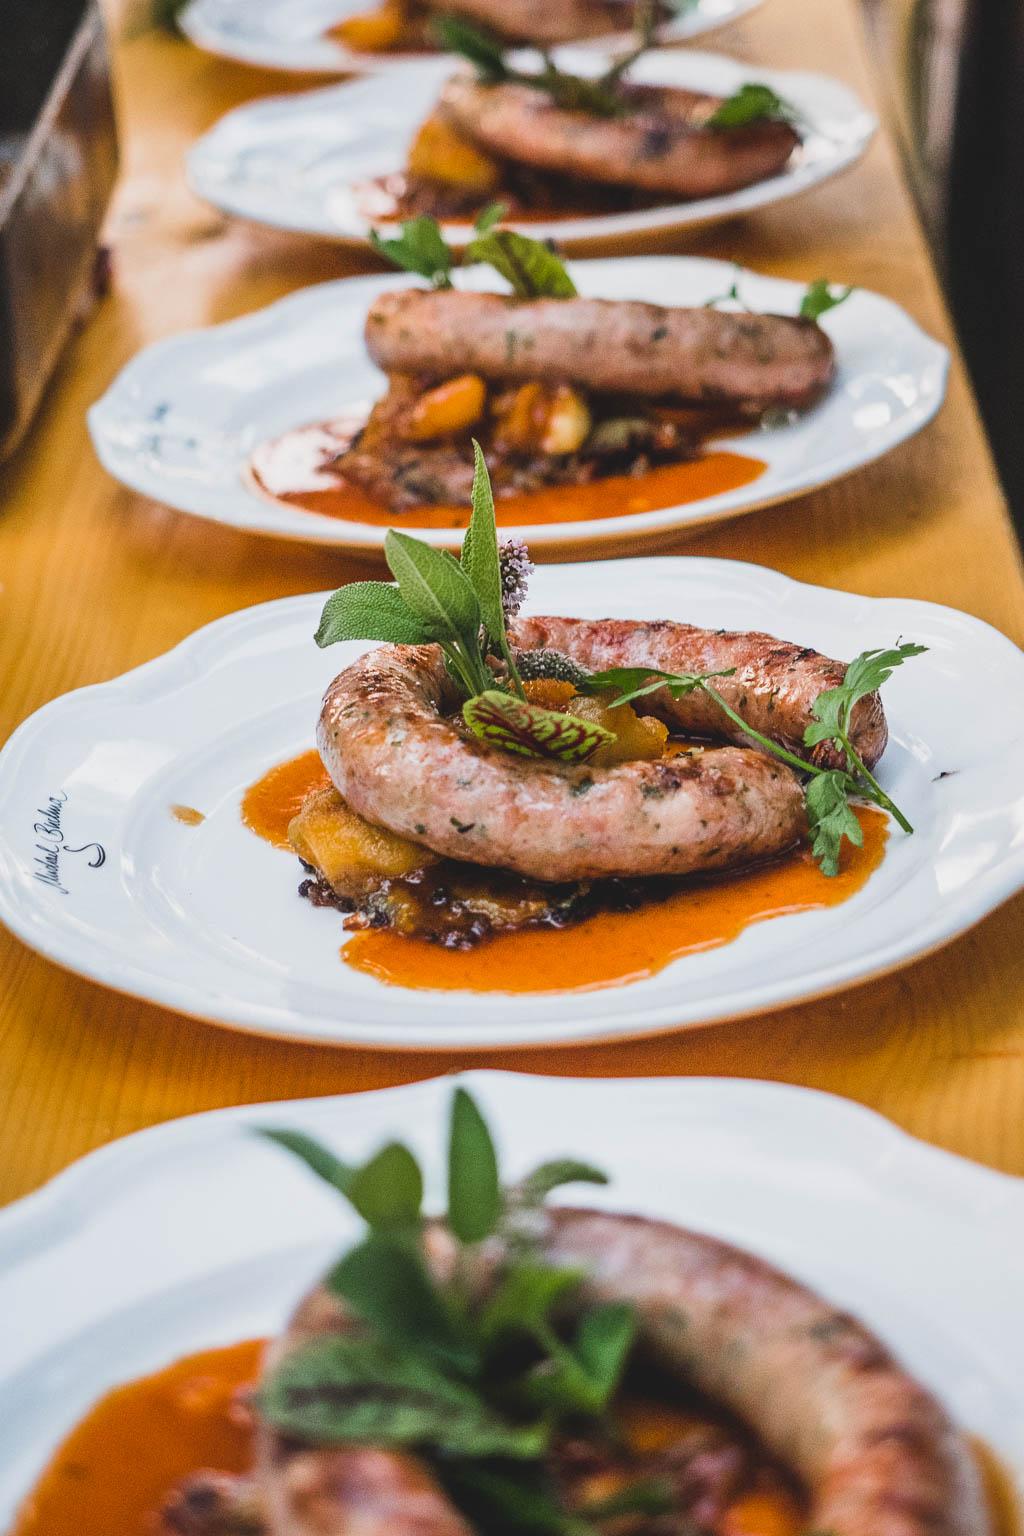 Landhotel Saarschleife ein kulinarisches Wochenende im Saarland